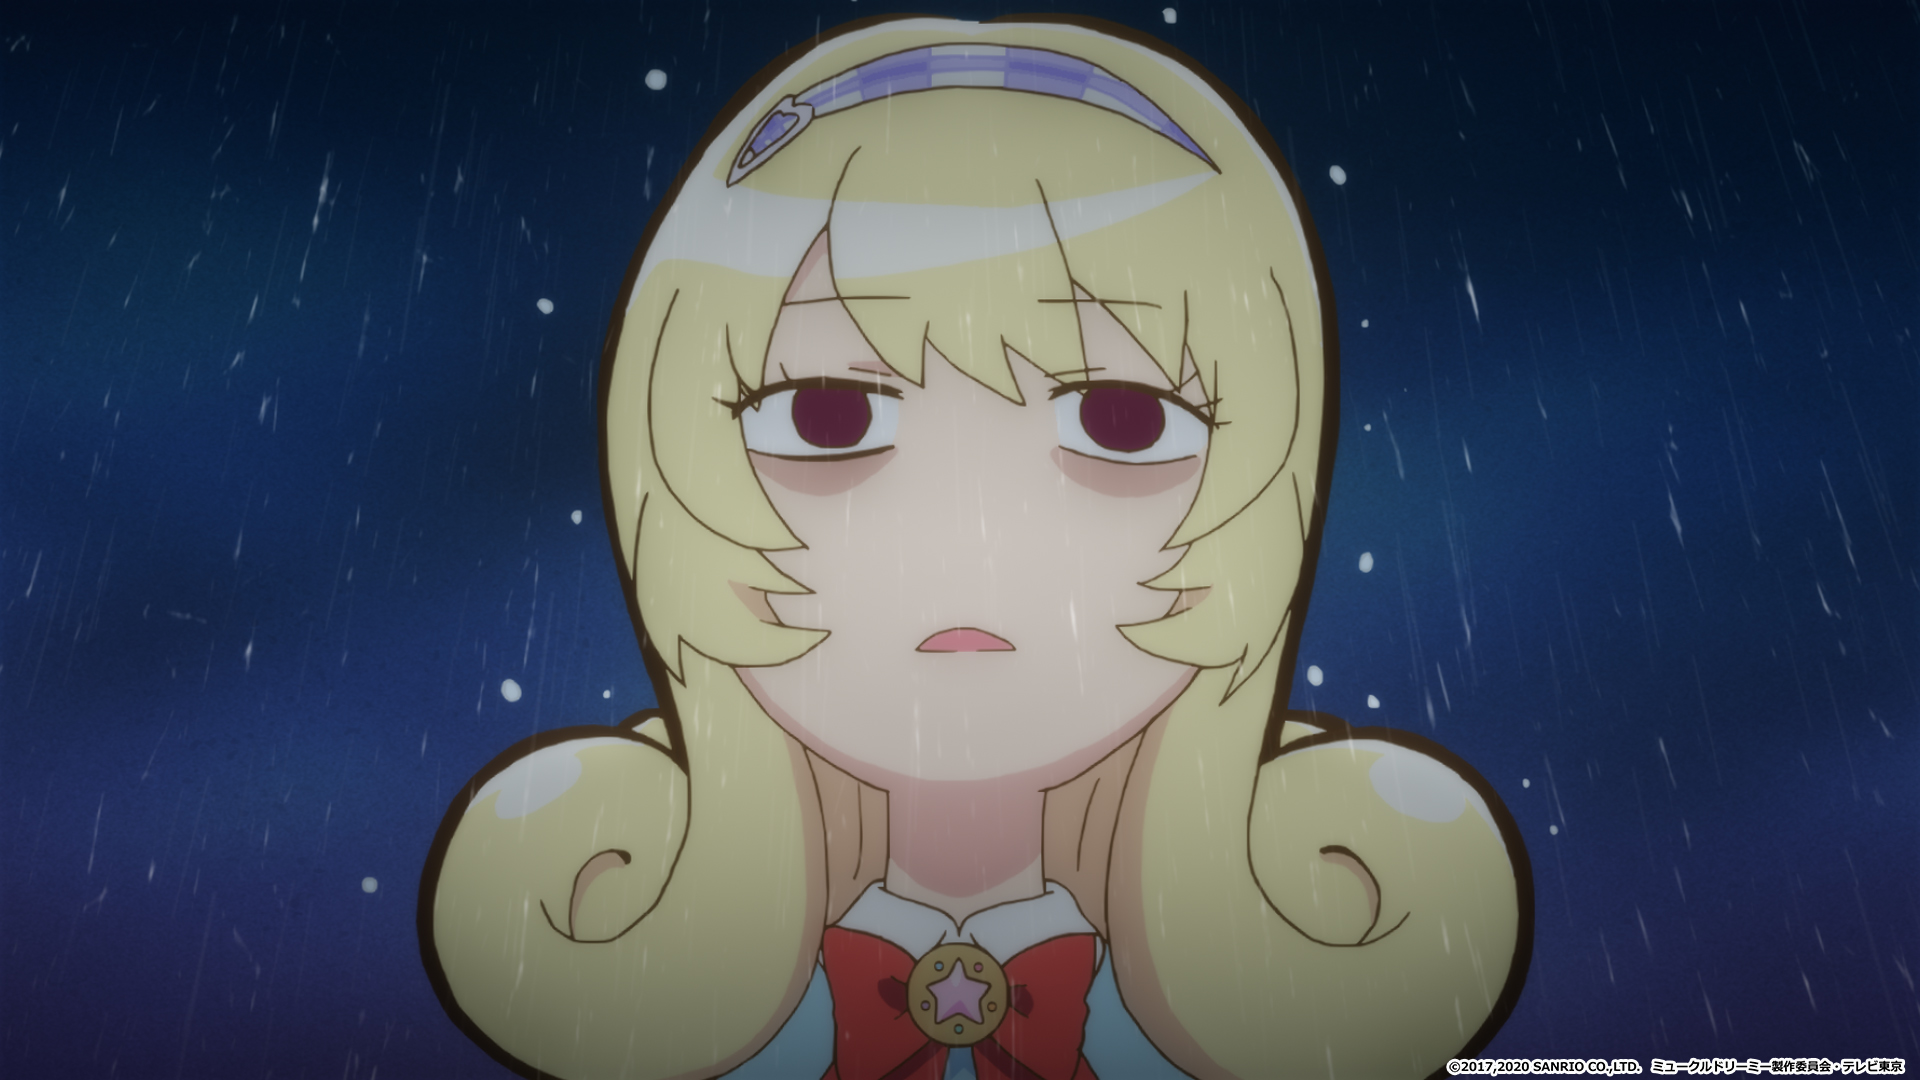 【アニメ】ミュークルドリーミーの10話あらすじ・ネタバレ感想   ゆめの顔芸がおもしろすぎる